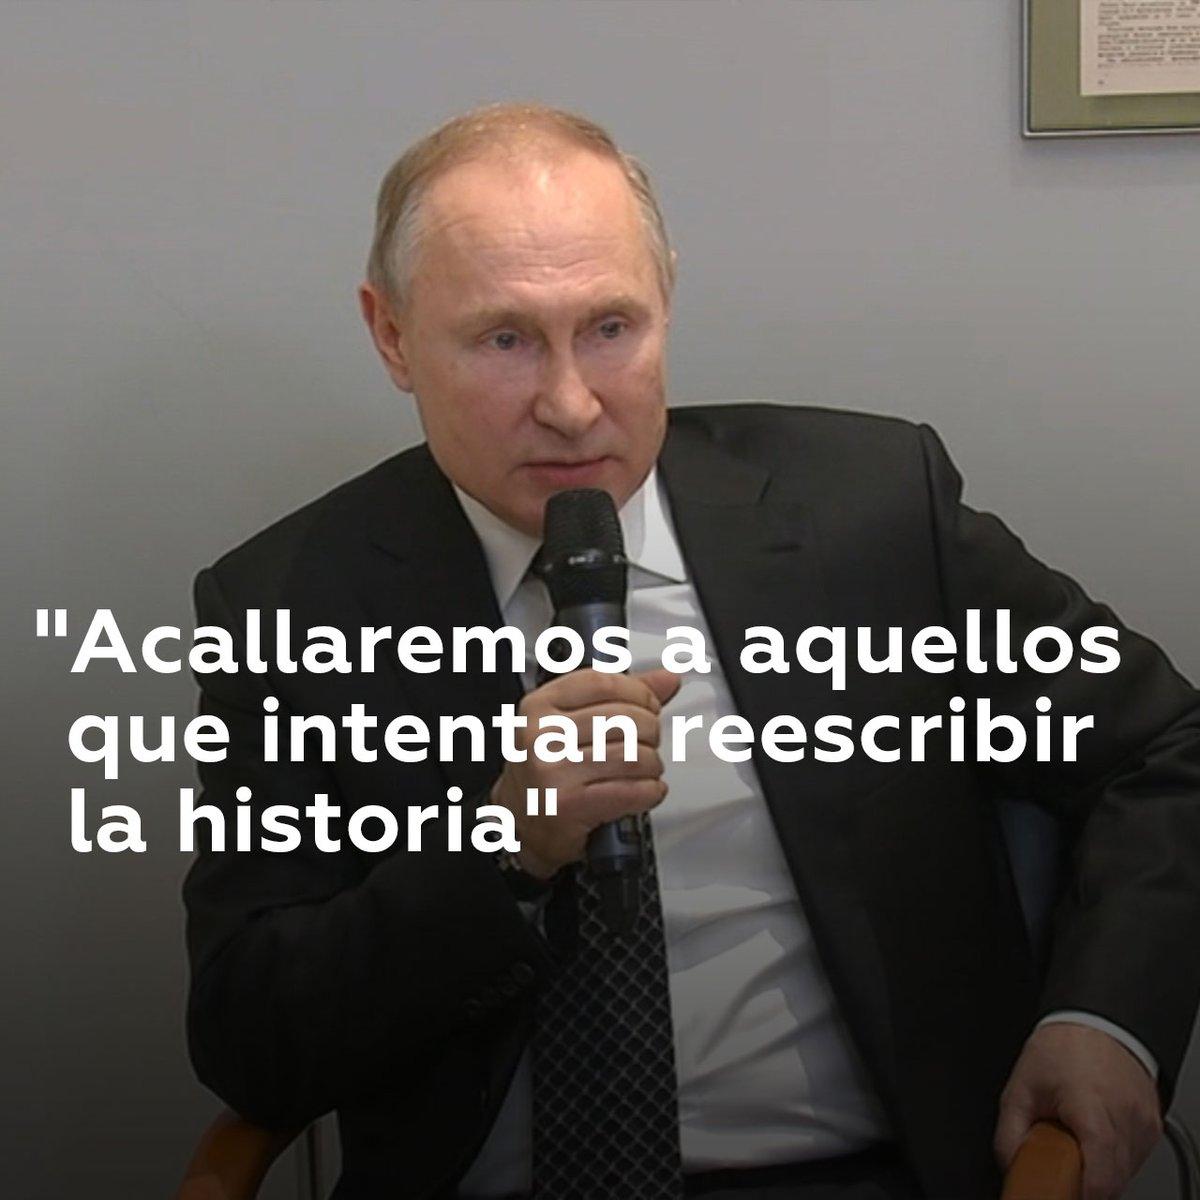 """Putin: """"Rusia no permitirá borrar la memoria de la Gran Guerra Patria""""  Vladímir Putin ha reiterado sus planes de inaugurar el archivo de documentos históricos, videos y materiales fotográficos sobre la II GM, para acabar con los intentos de reescribir la historia"""